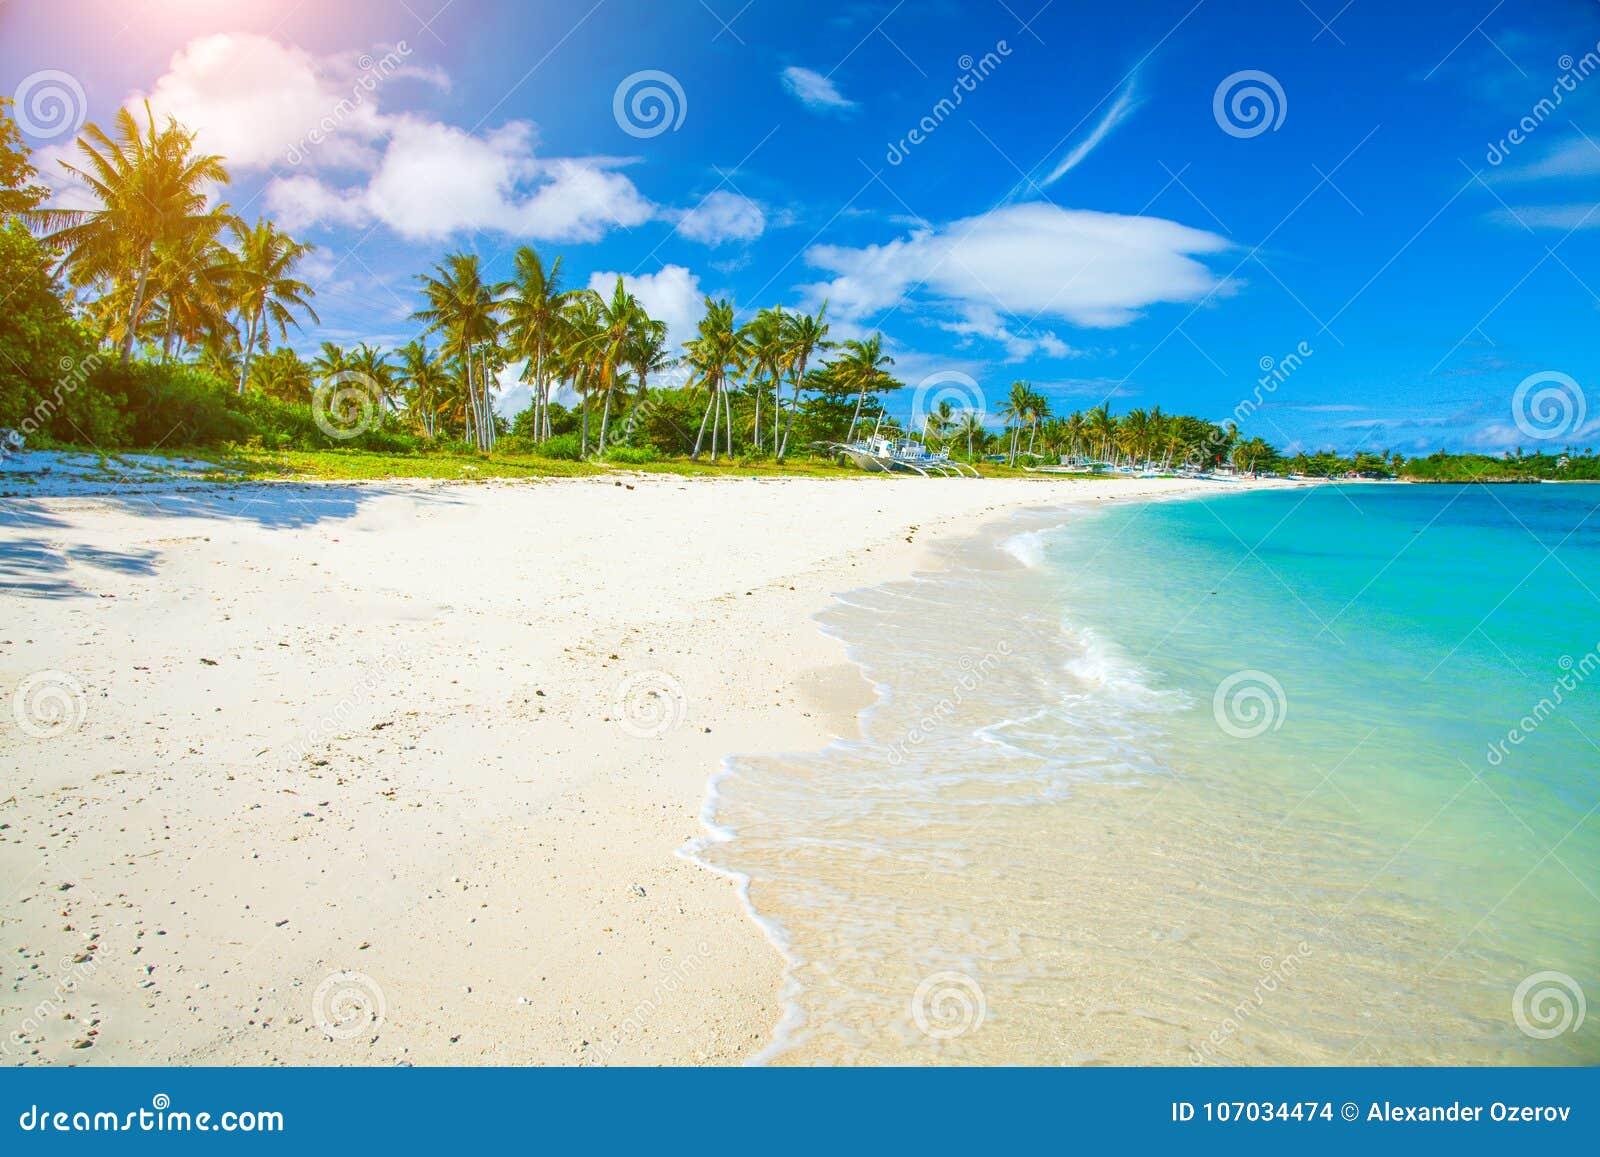 Plaża i piękny tropikalny morze